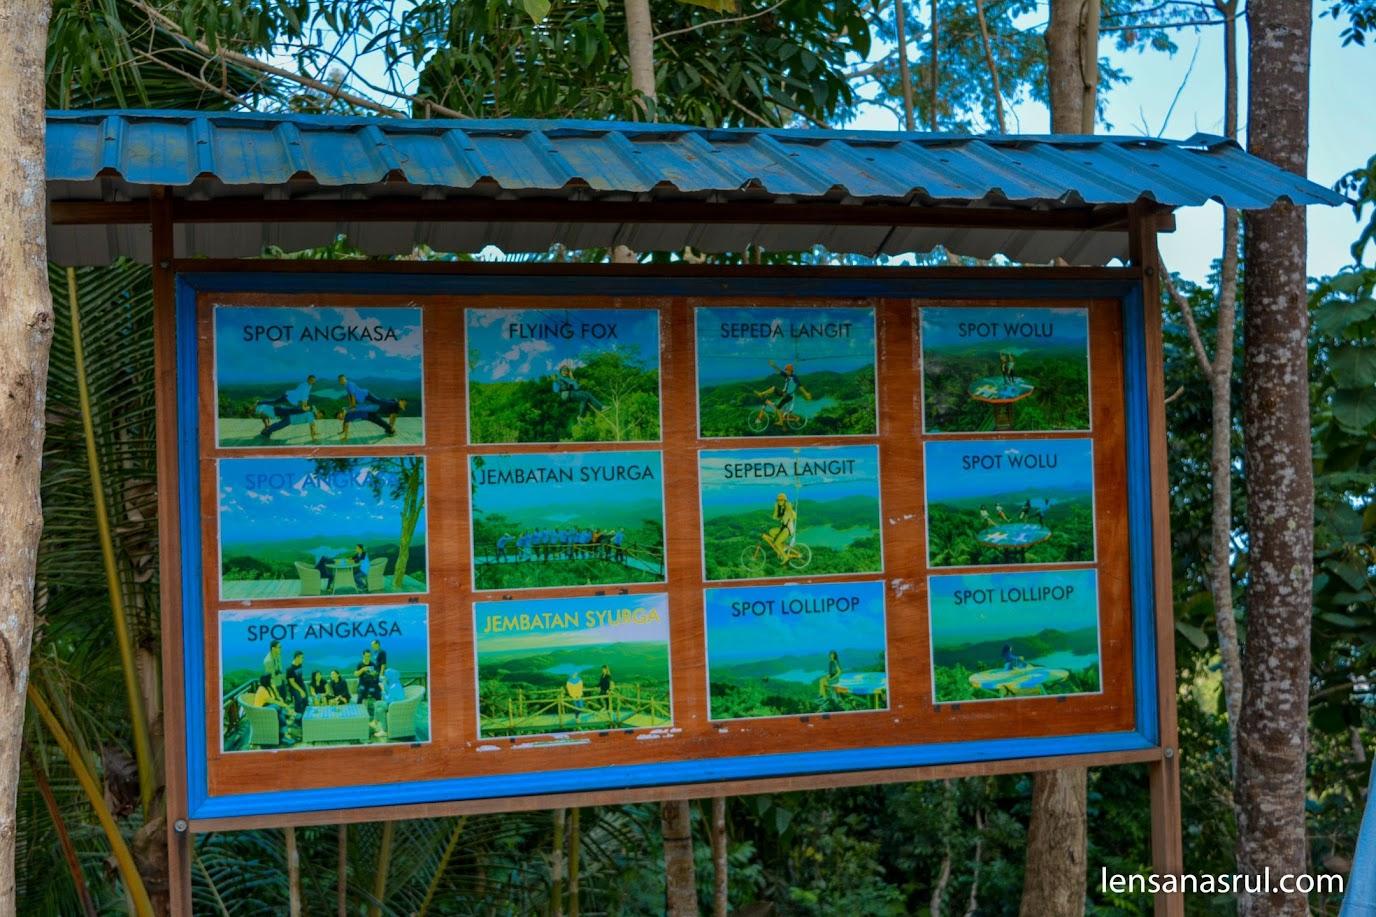 Fasilitas spot foto terbaik untuk mendapatkan keindangan Waduk sermo di Pule Payung